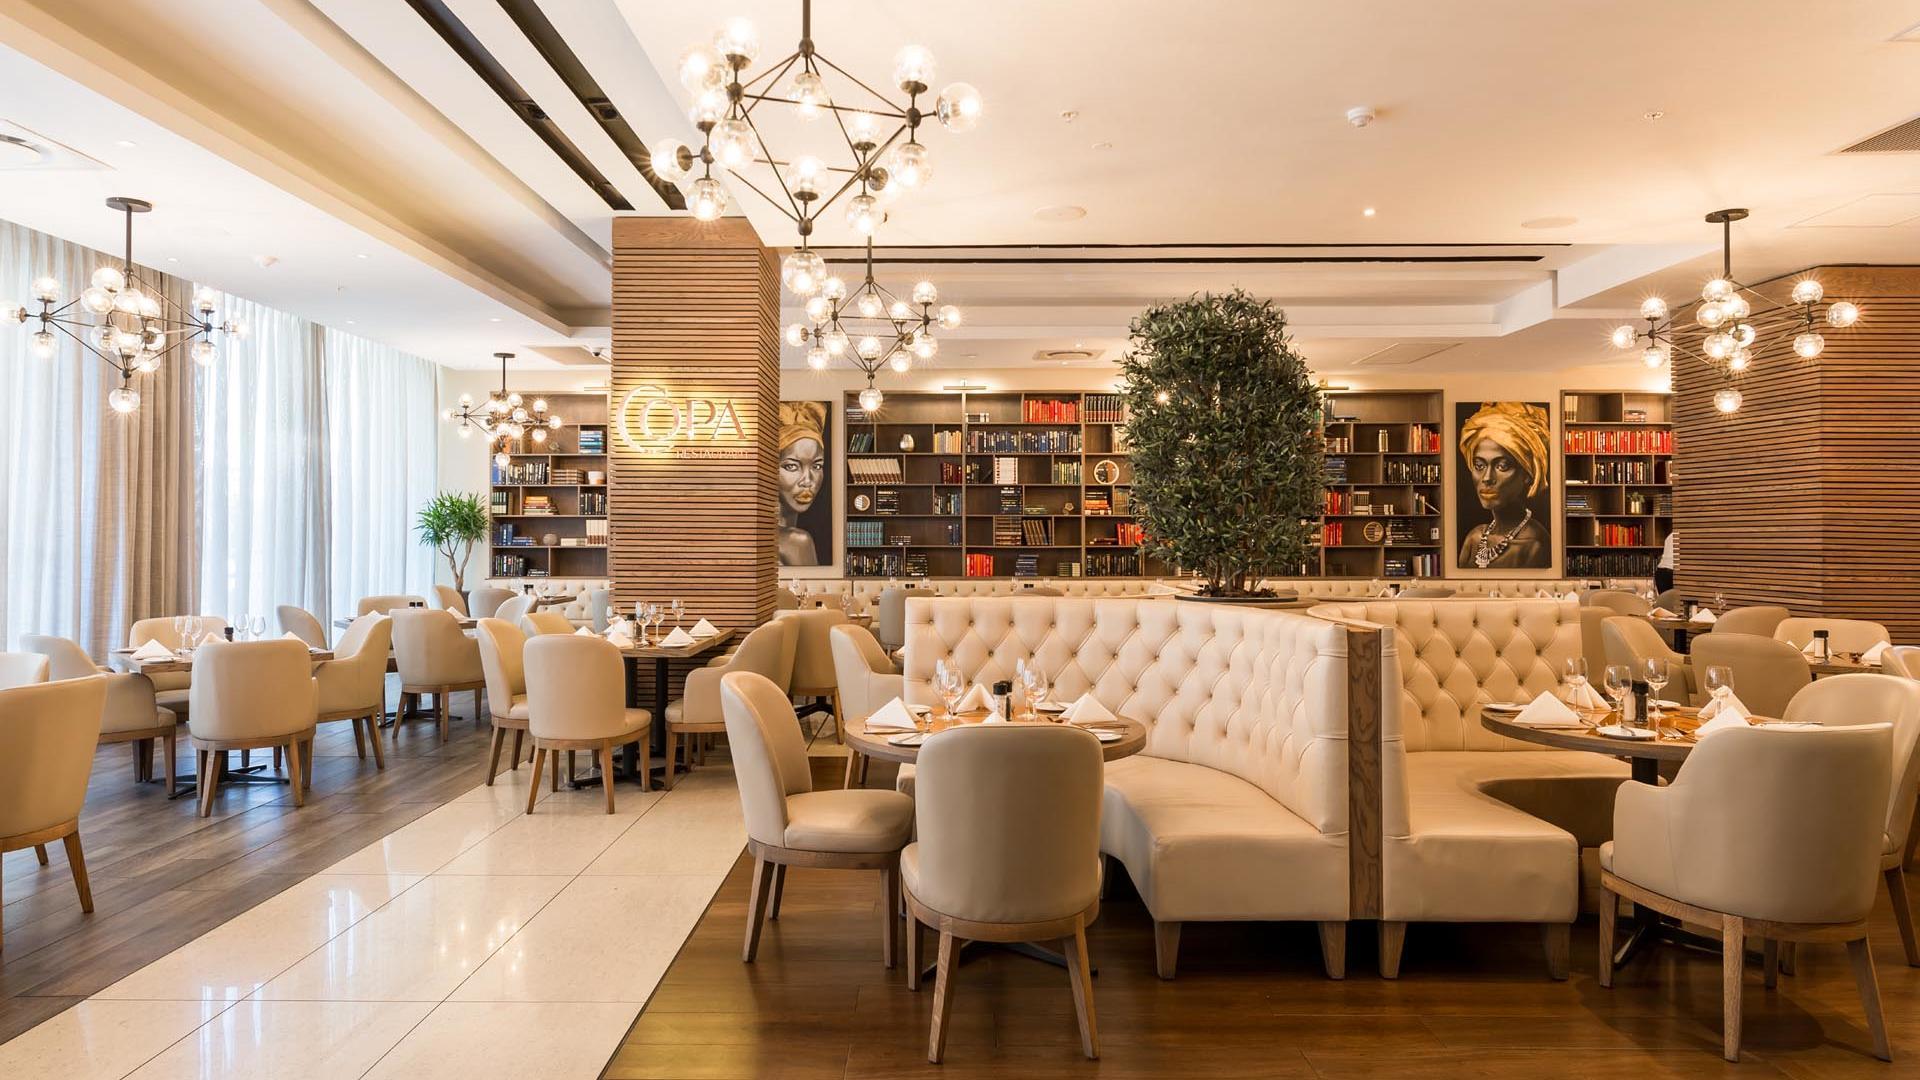 Copa Restaurant Reviews ohio – Full News Avilable Here